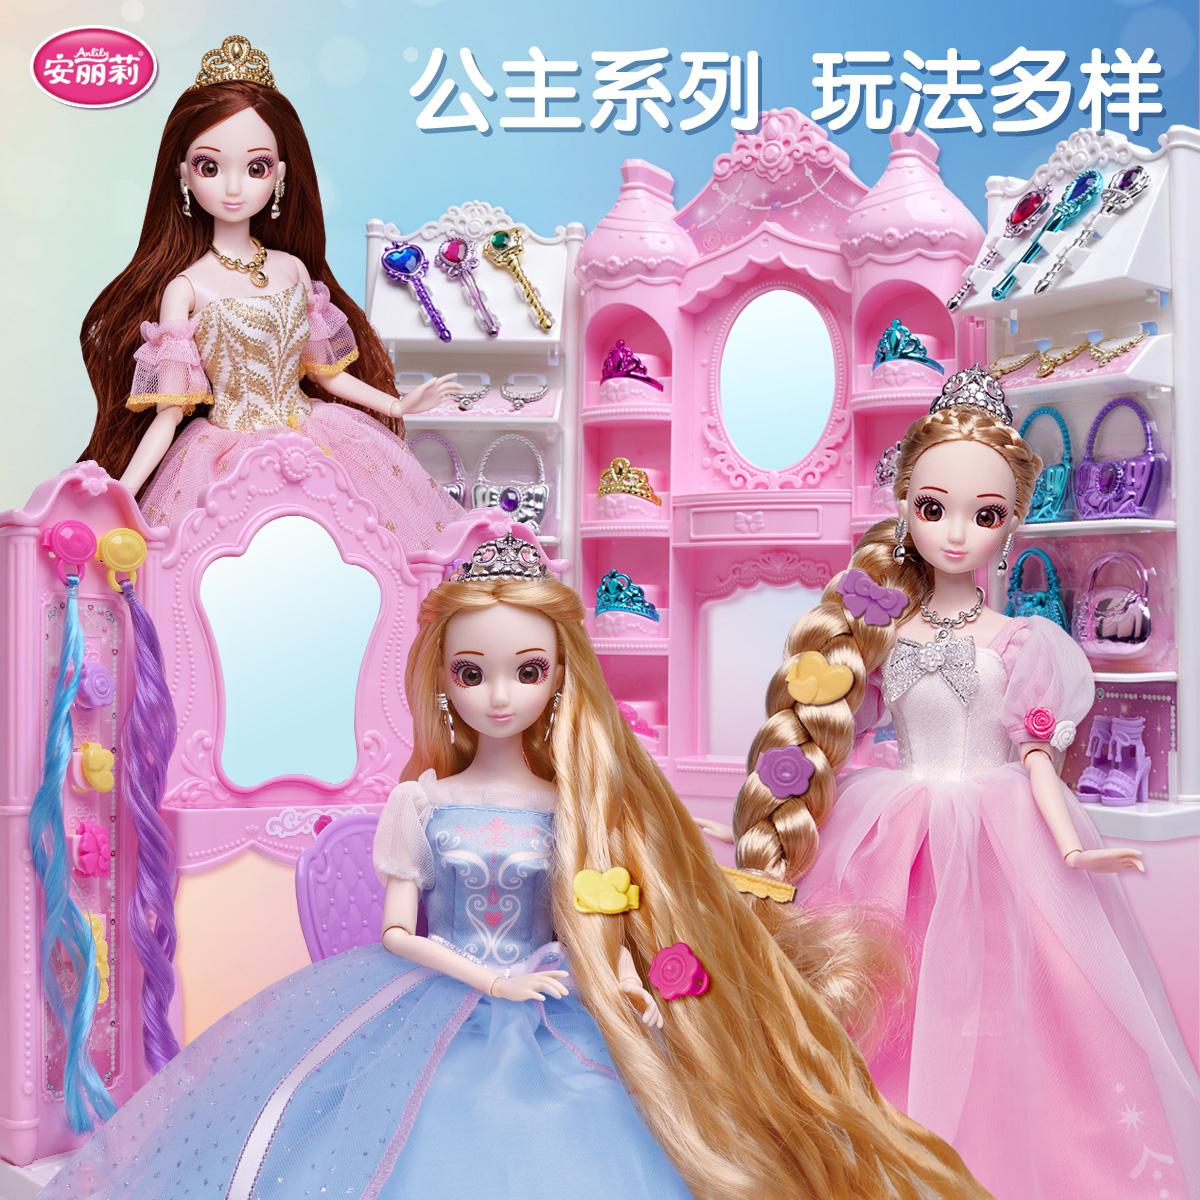 安丽莉女孩过家家3—9岁儿童益智玩具洋娃娃公主美发仿真换装衣橱